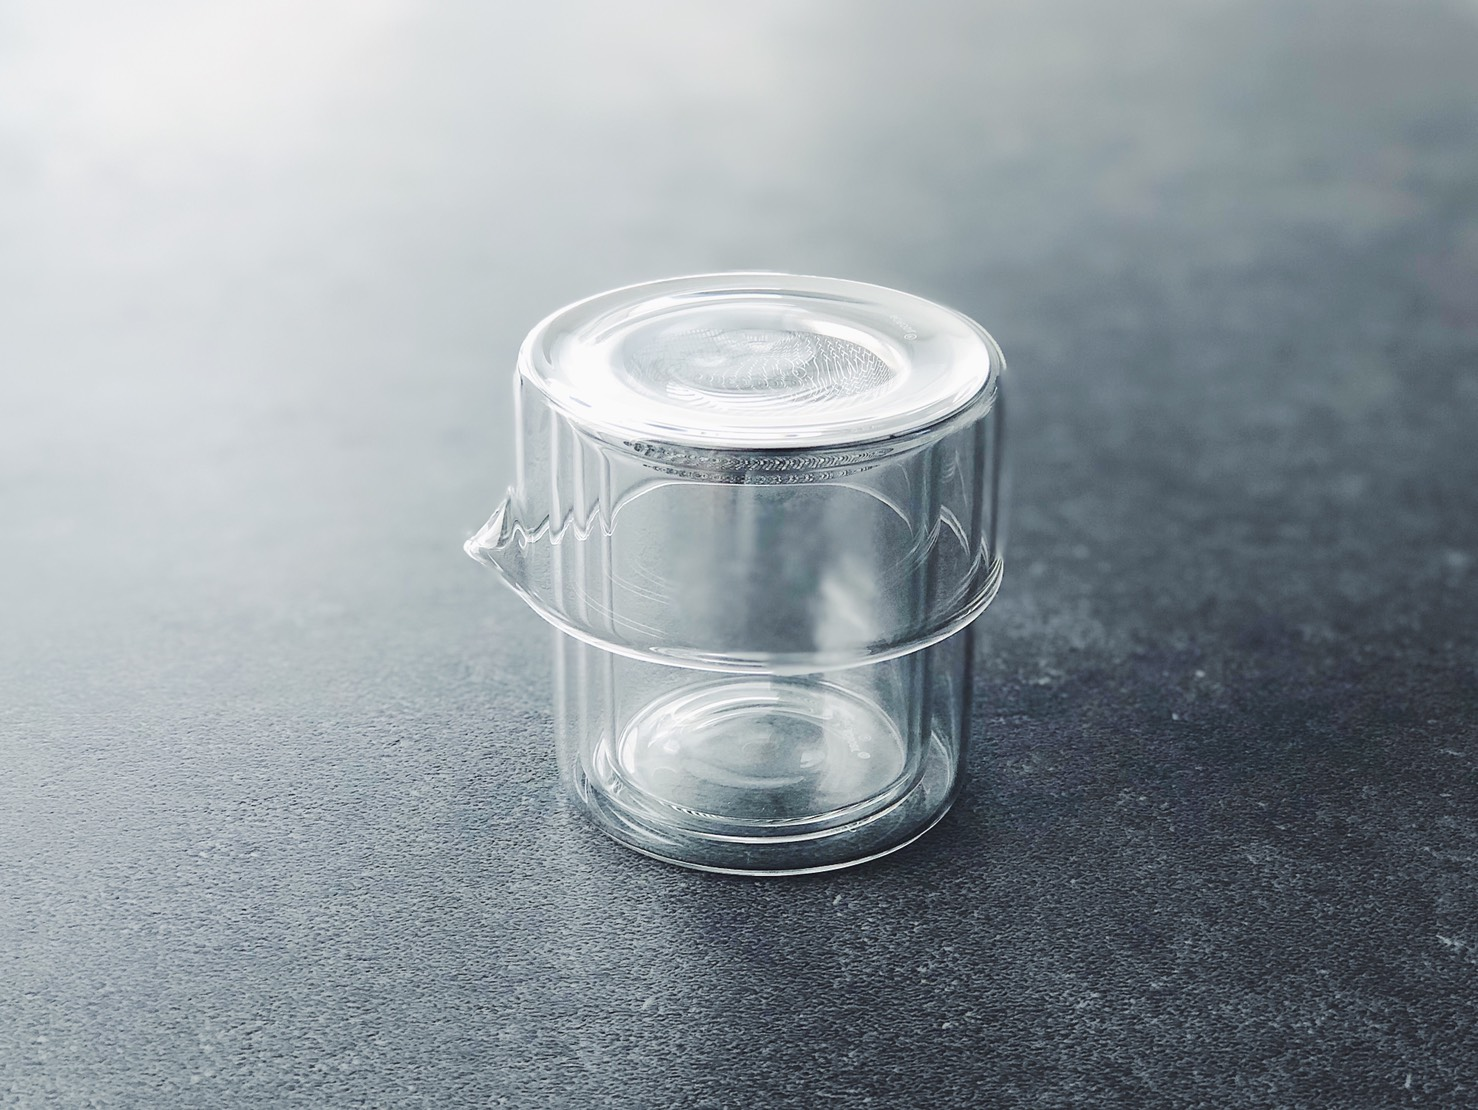 ガラス製の次世代型急須がスマートすぎる。おもてなしから後片付けまで機能的なんだ|マイ定番スタイル | ROOMIE(ルーミー)